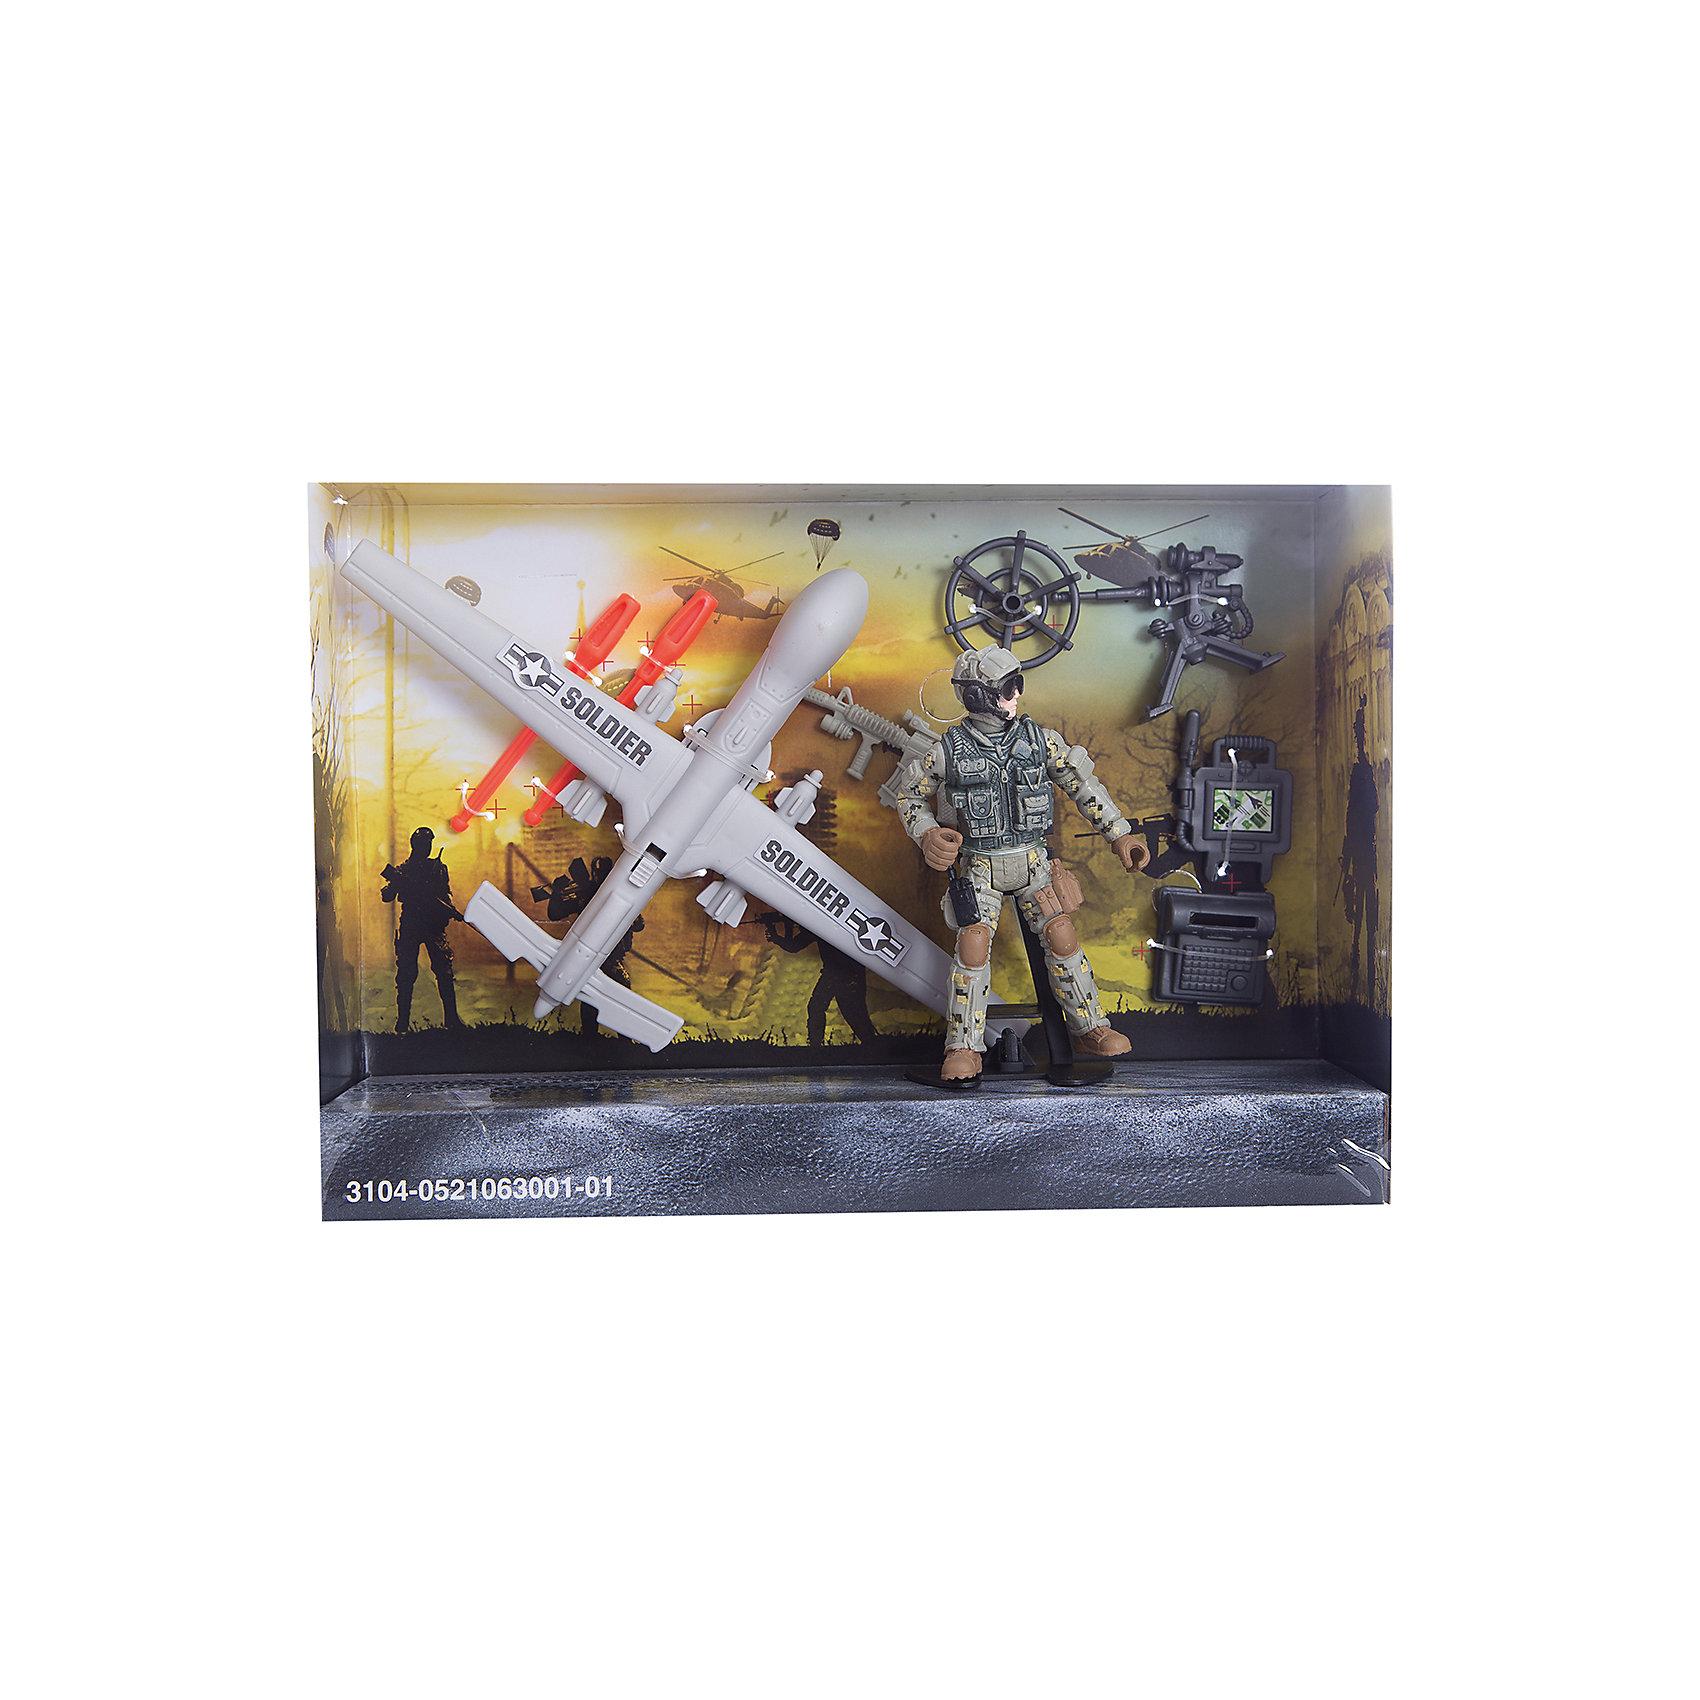 Игровой набор Разведчик с беспилотником, Chap MeiИгровой набор Разведчик с беспилотником, Chap Mei.<br><br>Характеристики:<br><br>- цвет: разноцветный;<br>- материал: пластик;<br>- вес: 217 г;<br>- упаковка: коробка;<br>- комплектация: беспилотник, солдатик, аксессуары;<br>- размер упаковки: 25x17x6 см.<br><br>Набор Разведчик с беспилотником, Chap Mei - это потрясающий игровой набор из серии Solder Force VIII, с которым мальчику точно не придется скучать. Ведь с таким набором можно обыграть практически любой современный сюжет, связанный с военными действиями. Для максимального удовольствия от игрового процесса в данном комплекте предусмотрено множество аксессуаров. Все элементы набора изготовлены из качественного пластика и тщательно детализированы. Игровой набор способствует развитию у ребенка воображения, внимания и мелкой моторики.<br><br>Игровой набор Разведчик с беспилотником, Chap Mei можно купить в нашем интернет-магазине.<br><br>Ширина мм: 24<br>Глубина мм: 6<br>Высота мм: 17<br>Вес г: 217<br>Возраст от месяцев: 36<br>Возраст до месяцев: 2147483647<br>Пол: Мужской<br>Возраст: Детский<br>SKU: 5055442